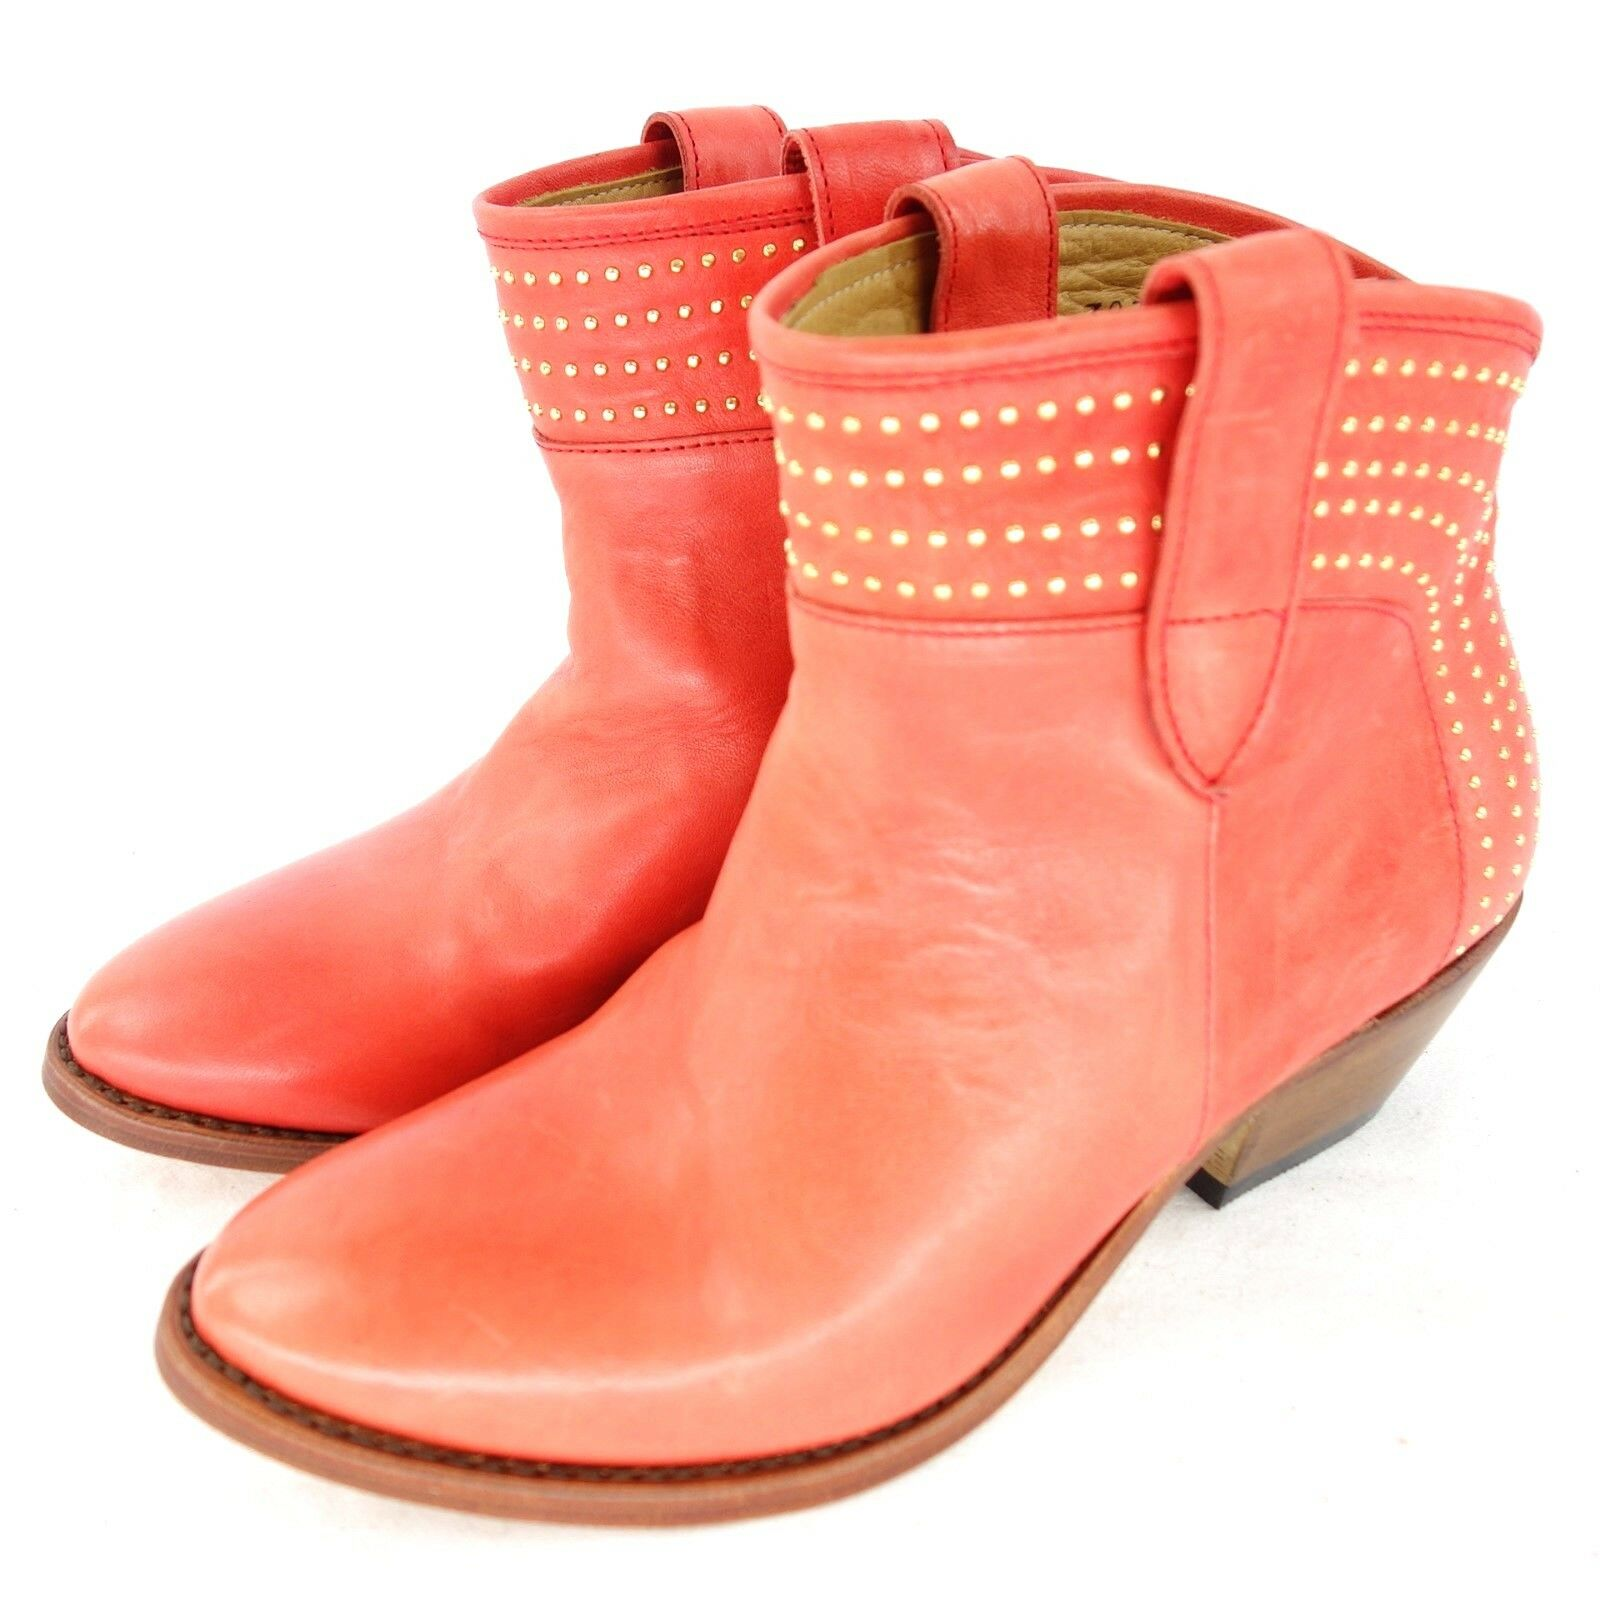 Perlita Peaches señora botas zapatos botín puebla cuero tachuelas NP 269 nuevo